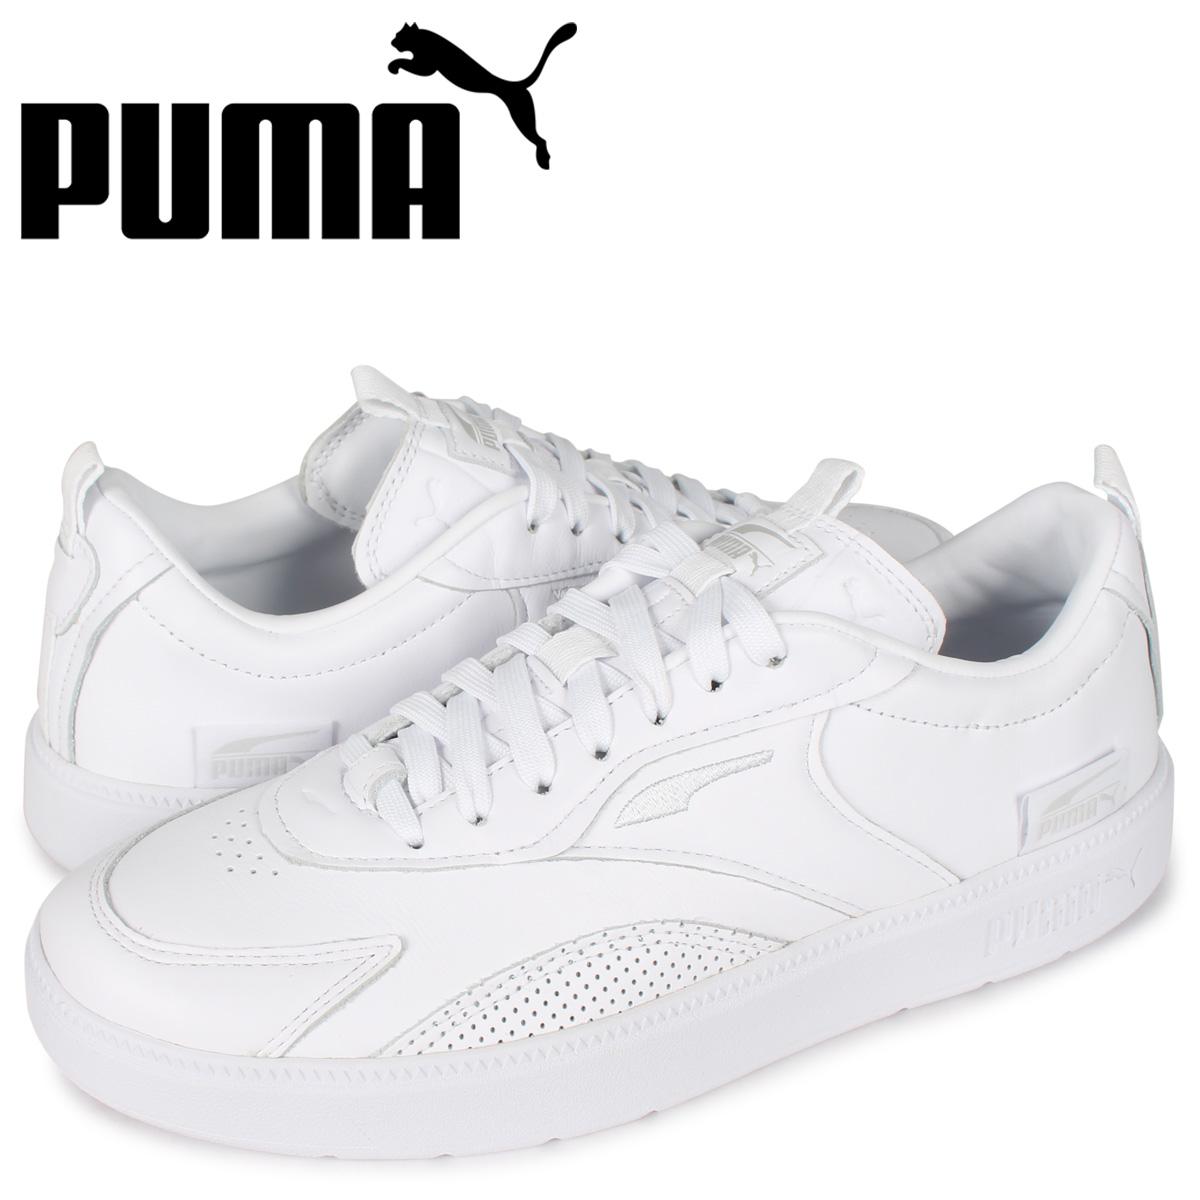 プーマ PUMA オスロ プロ クリーン レザー スニーカー メンズ OSLO PRO CLEAN LEATHER ホワイト 白 374162 [7/22 新入荷]